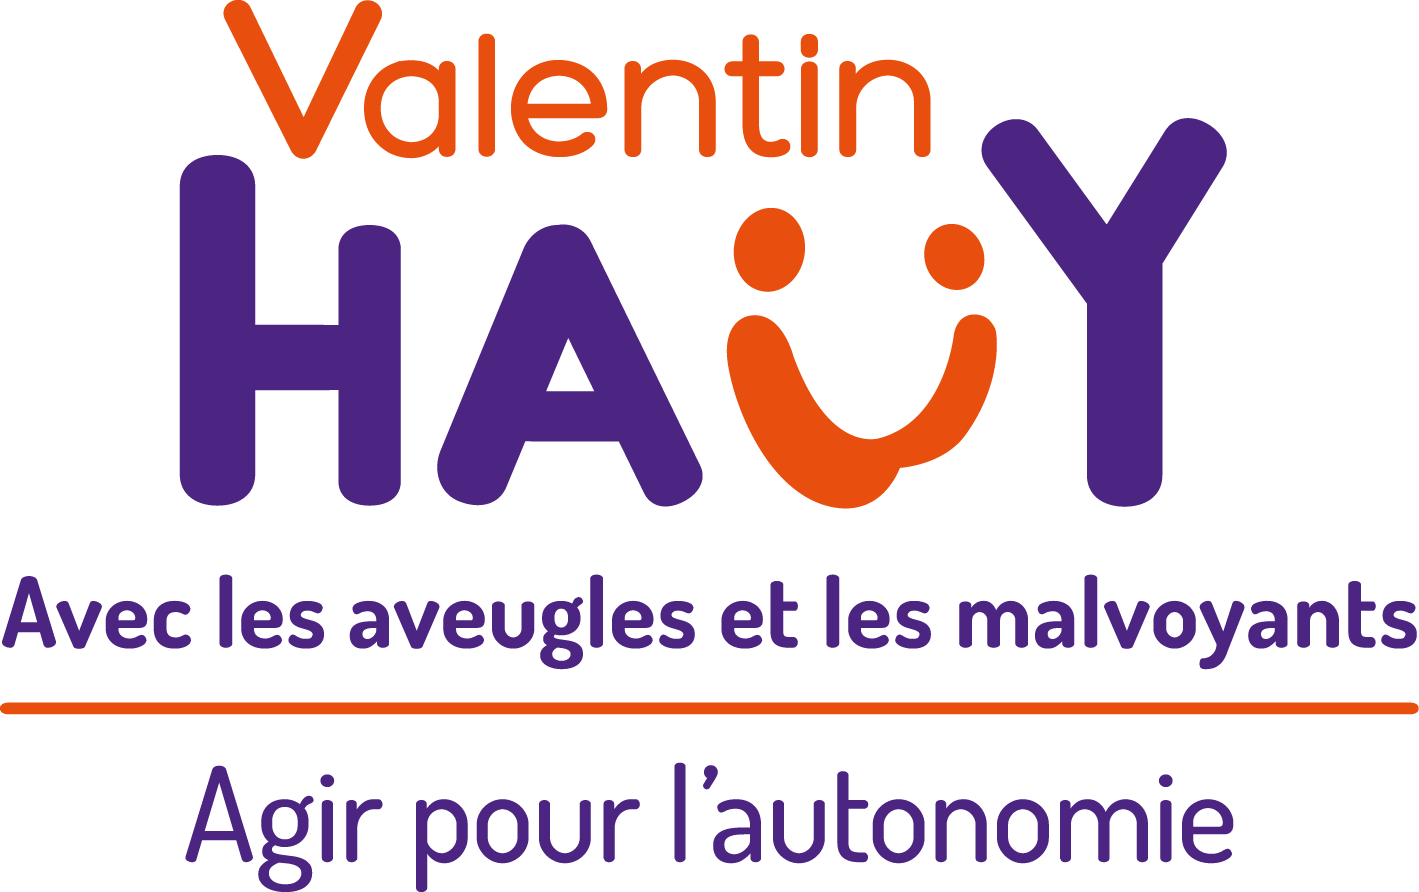 ASSOCIATION VALENTIN HAÜY Au Services des Aveugles et des Malvoyants